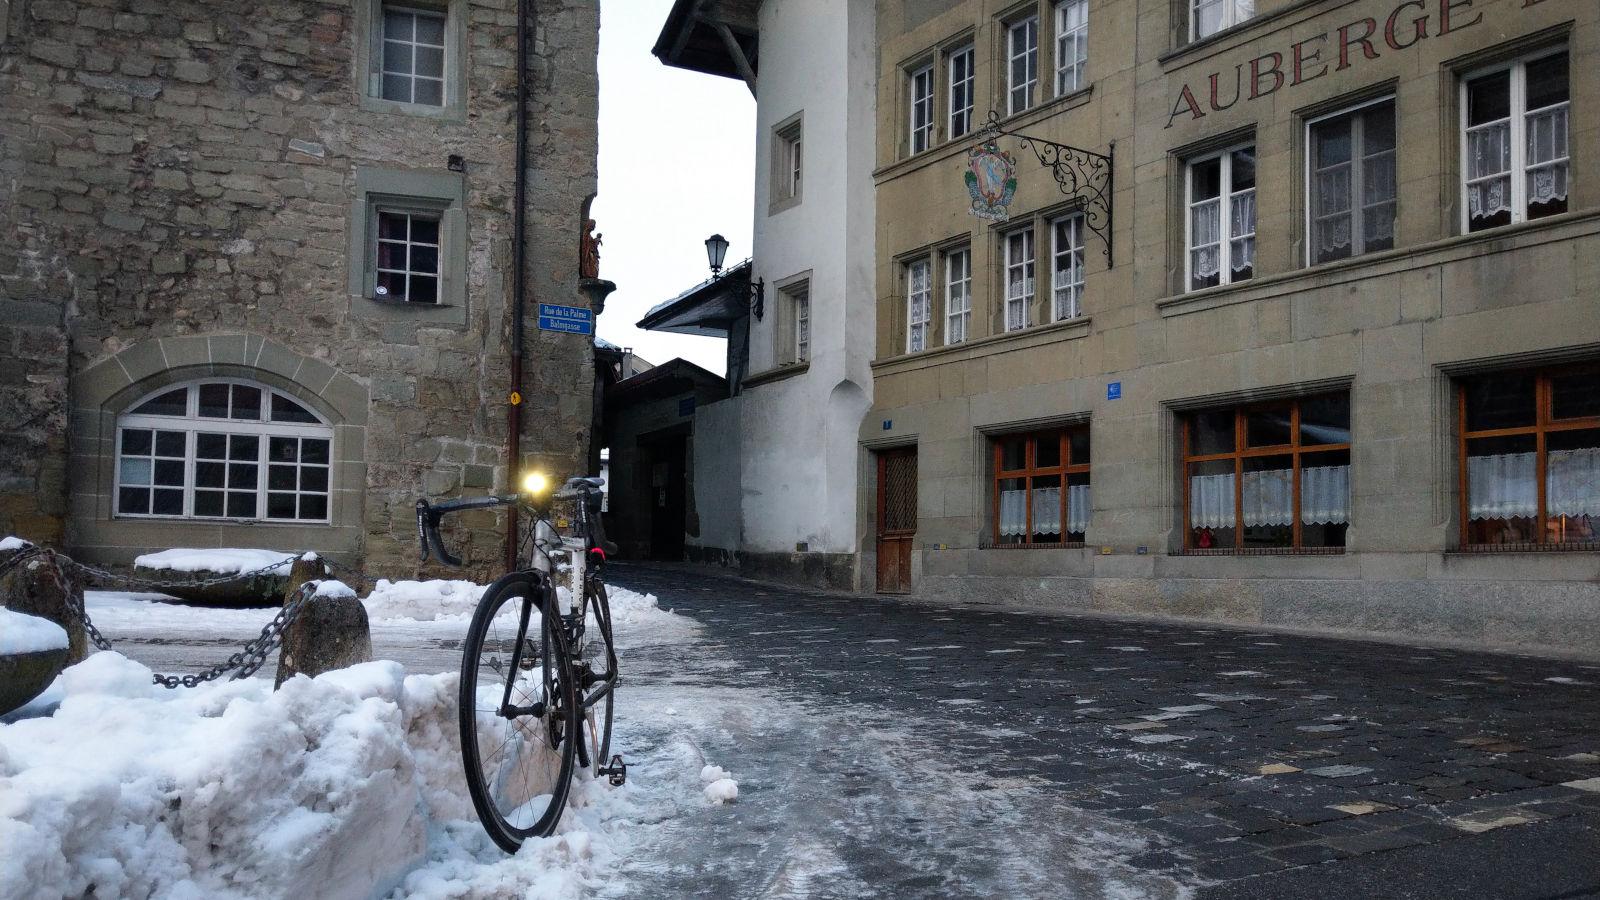 fahrrad fahren im winter sicher unterwegs trotz schnee. Black Bedroom Furniture Sets. Home Design Ideas